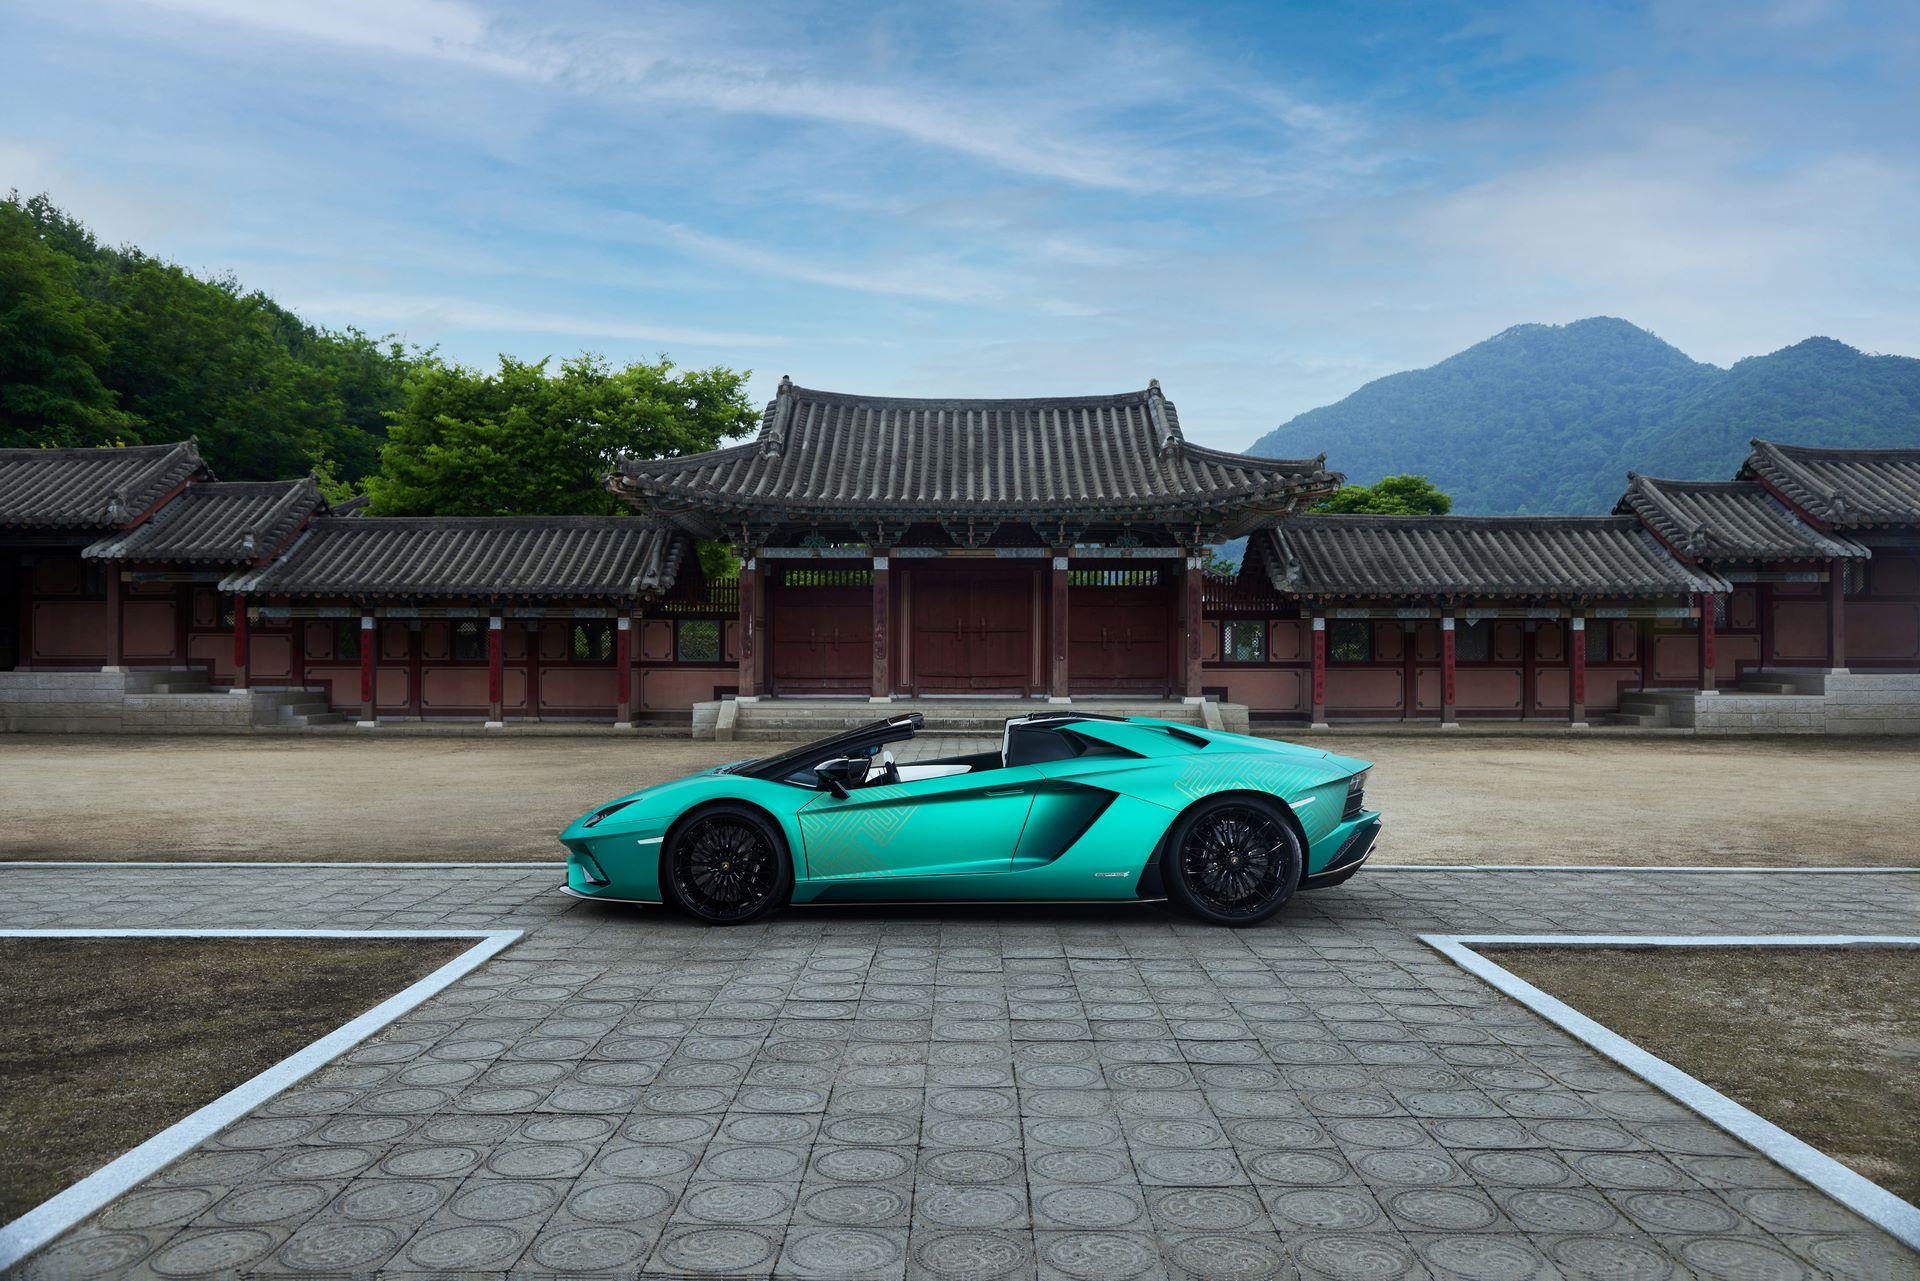 Lamborghini-Aventador-S-Roadster-Korean-Special-Series-3